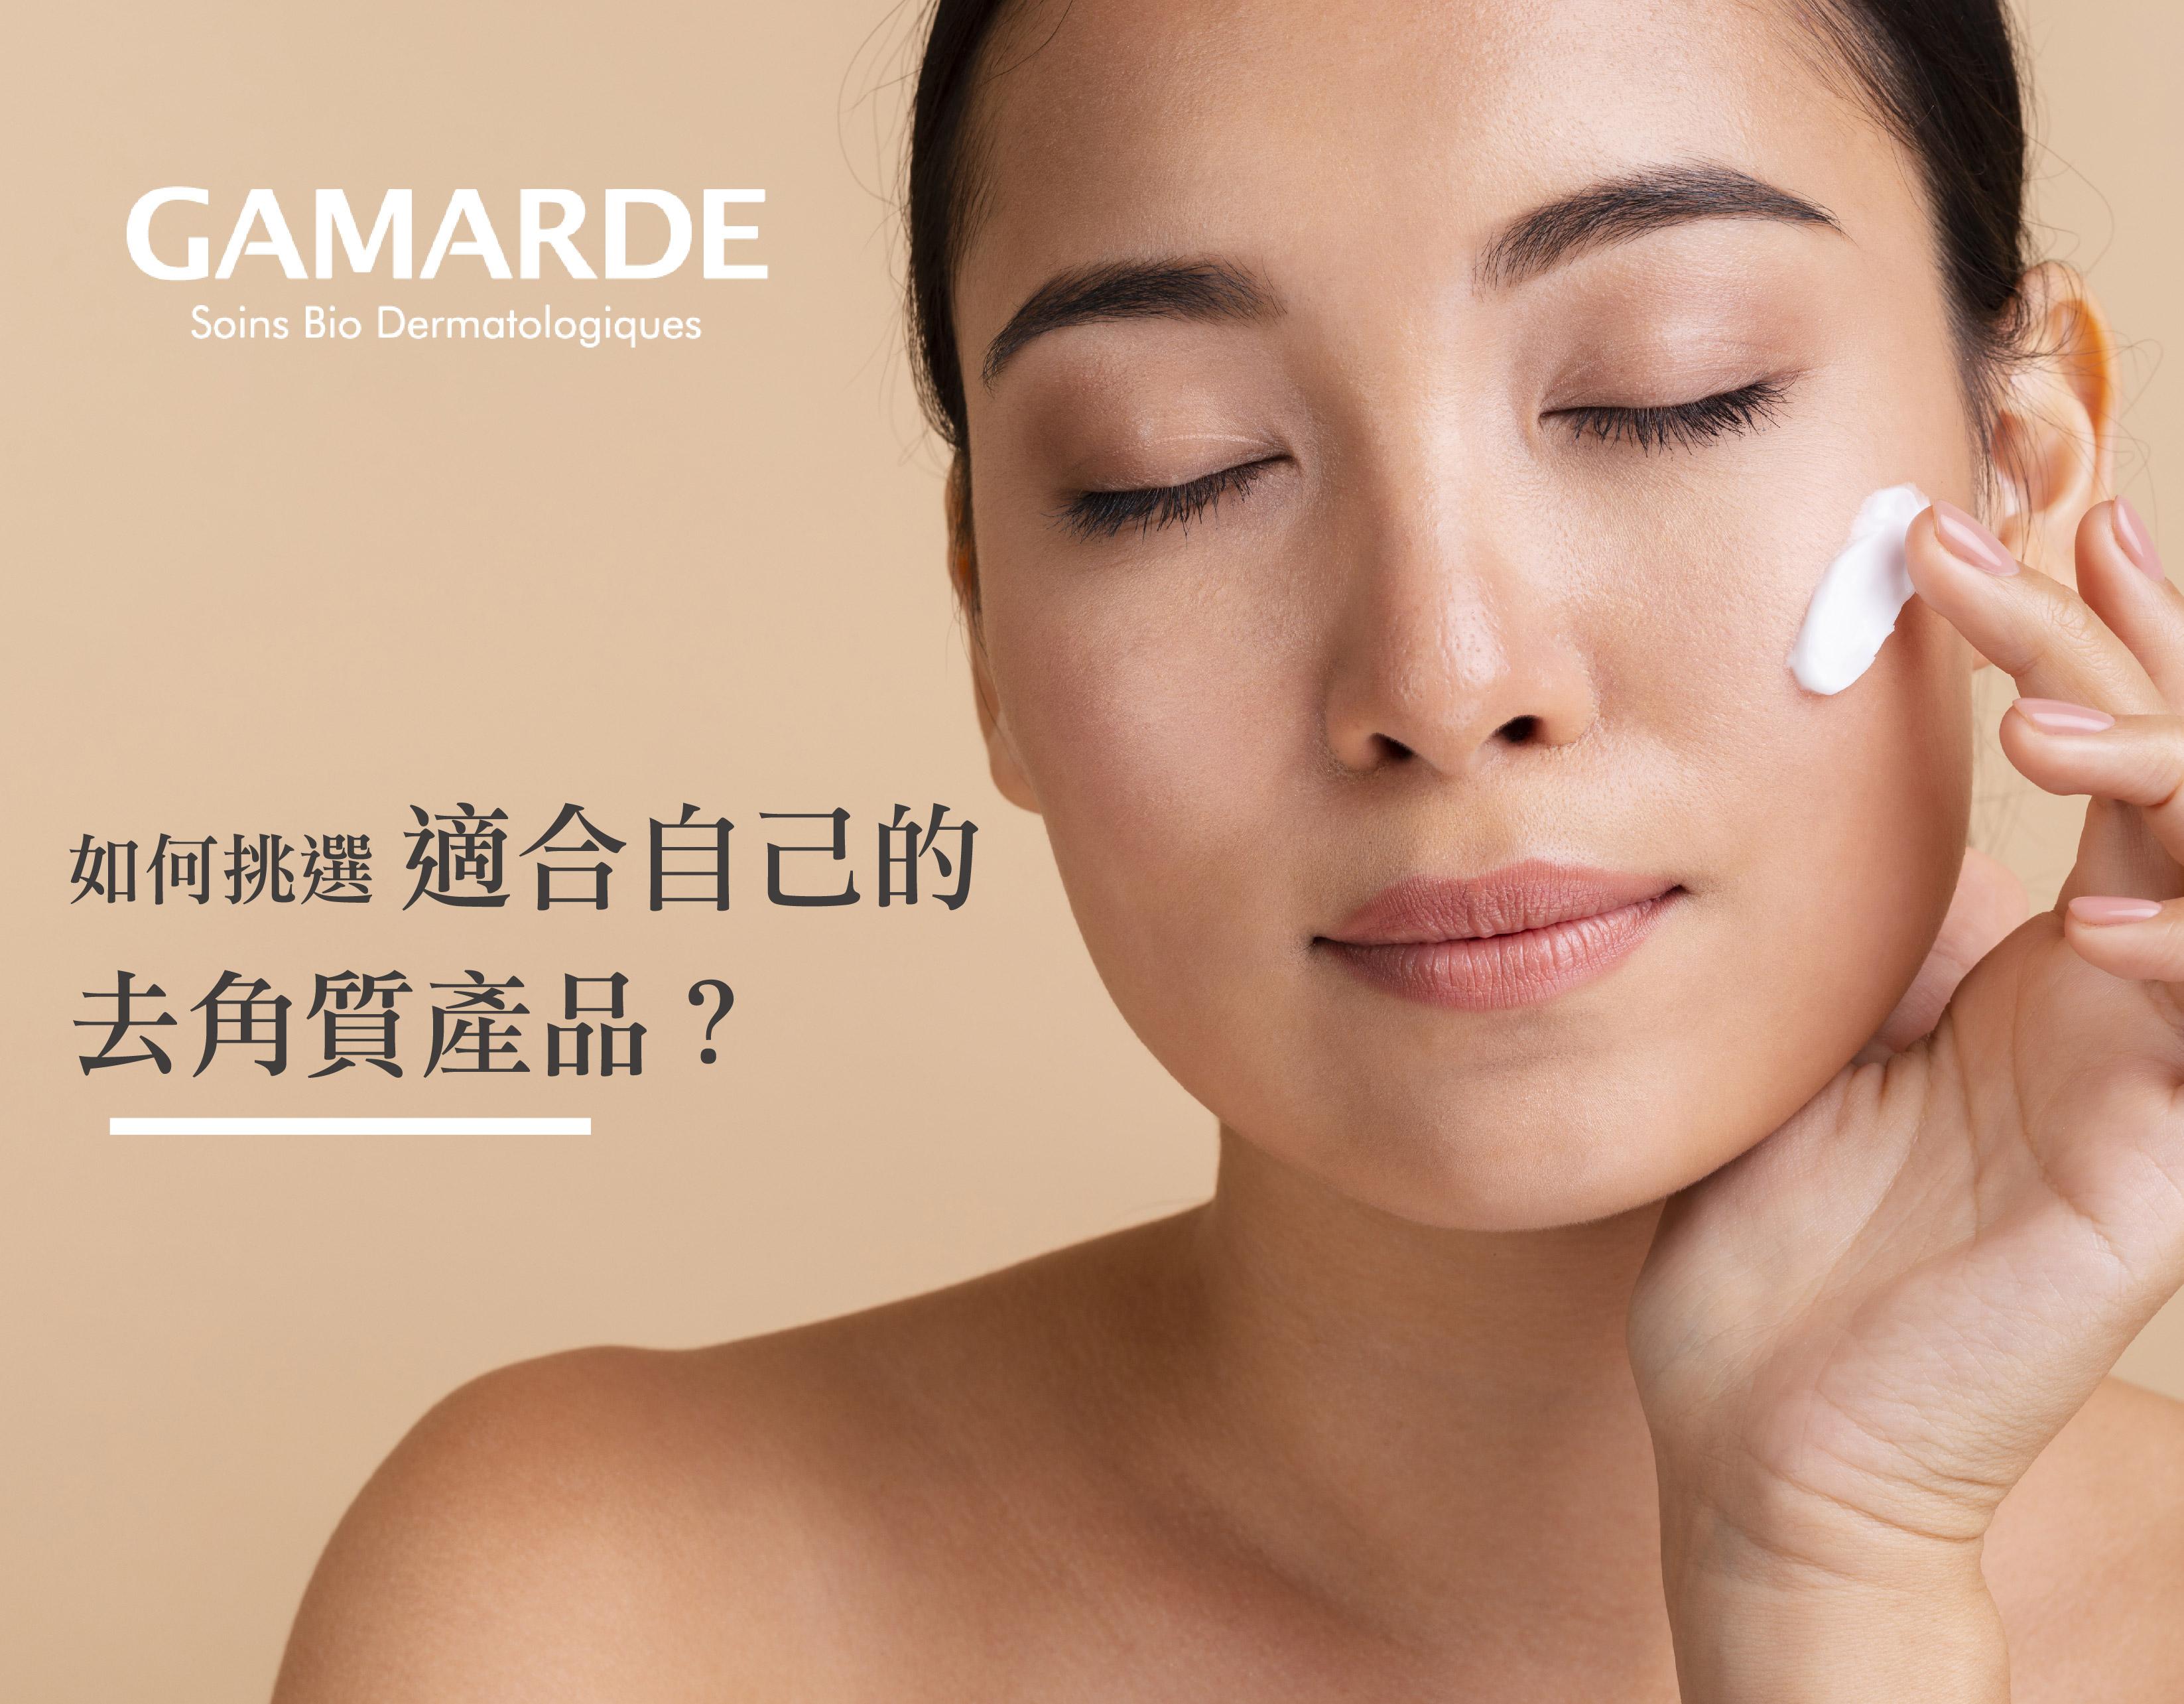 去角質,保濕,鎖水,毛孔清潔,黑頭粉刺,臉色黯淡,肌膚老化,肌膚代謝,油性肌膚,混合肌,敏感肌,乾性肌膚